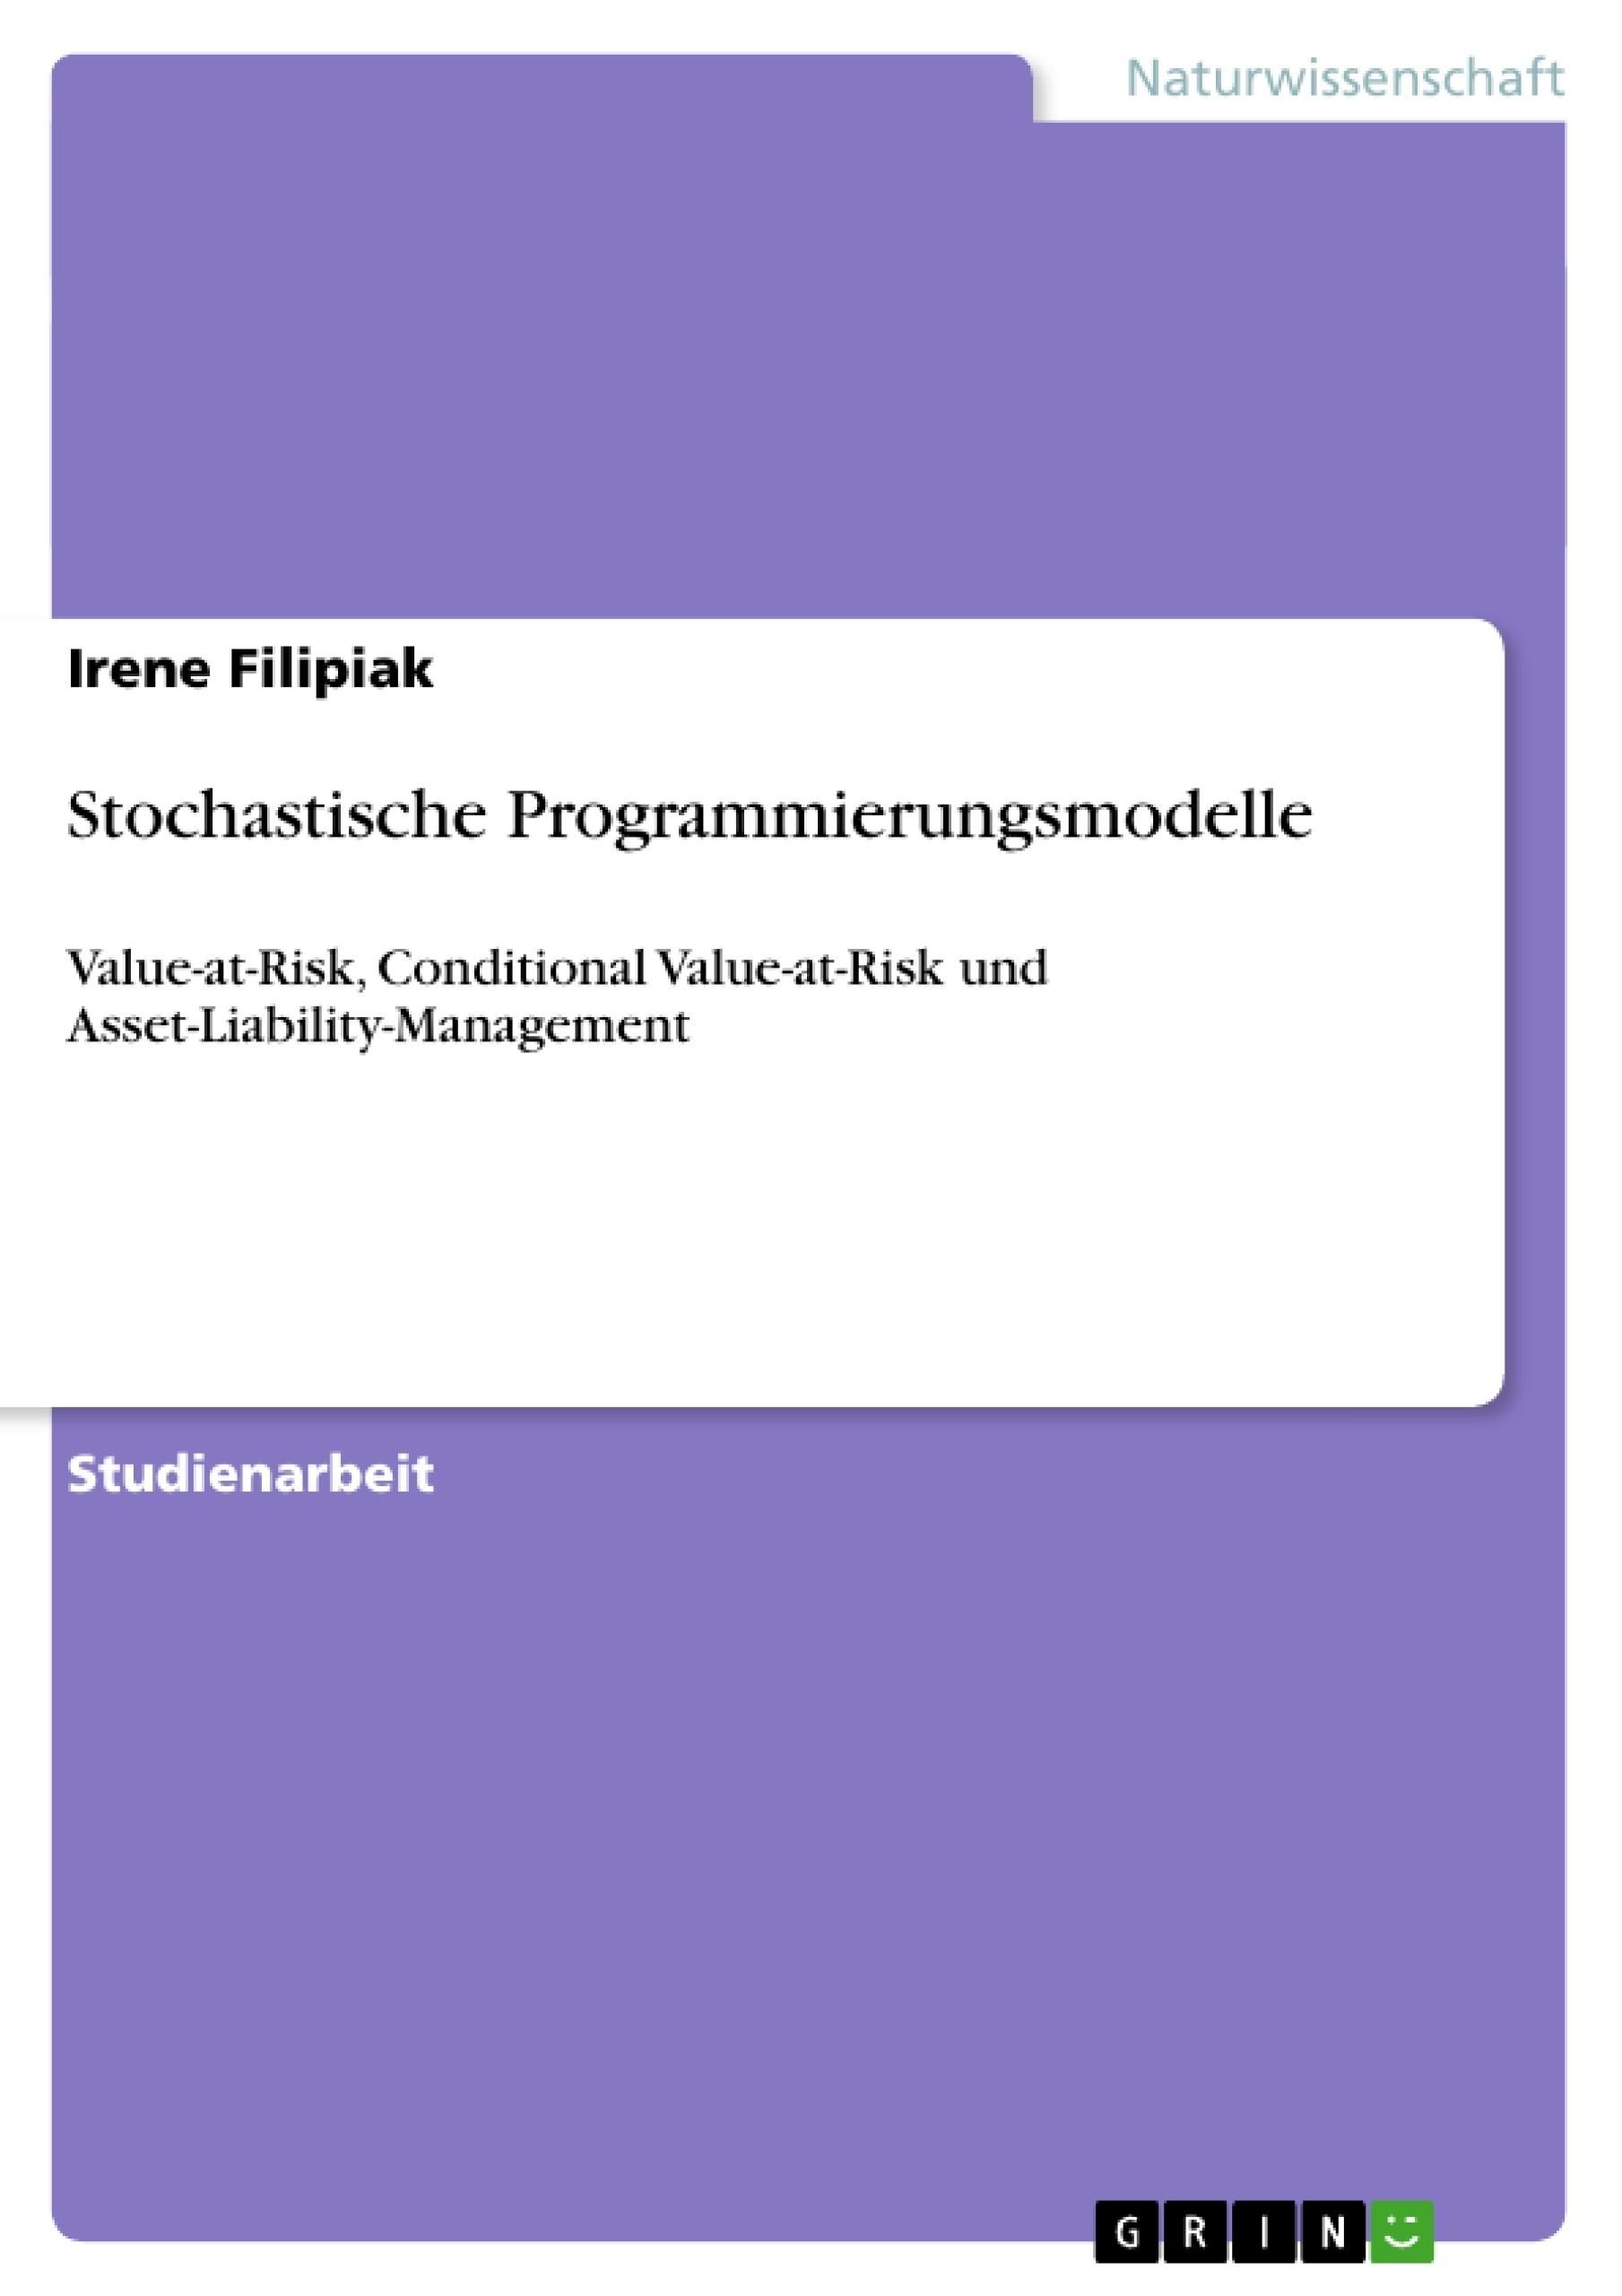 Titel: Stochastische Programmierungsmodelle